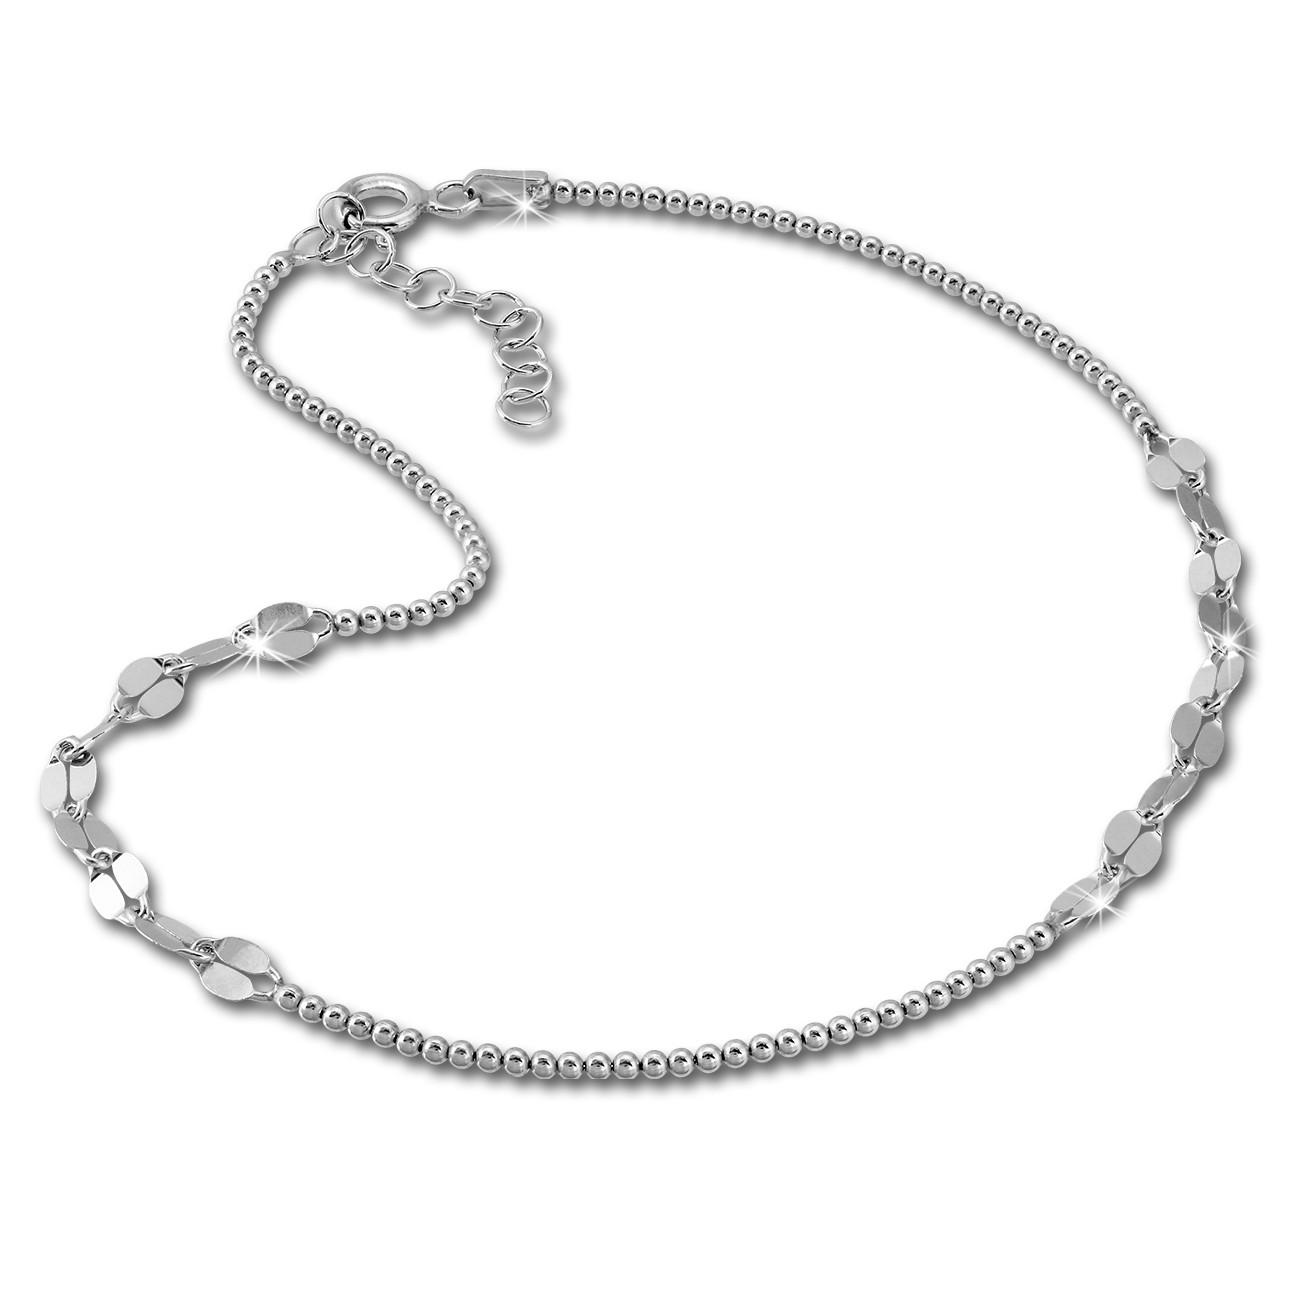 SilberDream Fußkette Plättchen 27cm 925 Sterling Silber SDF2184J